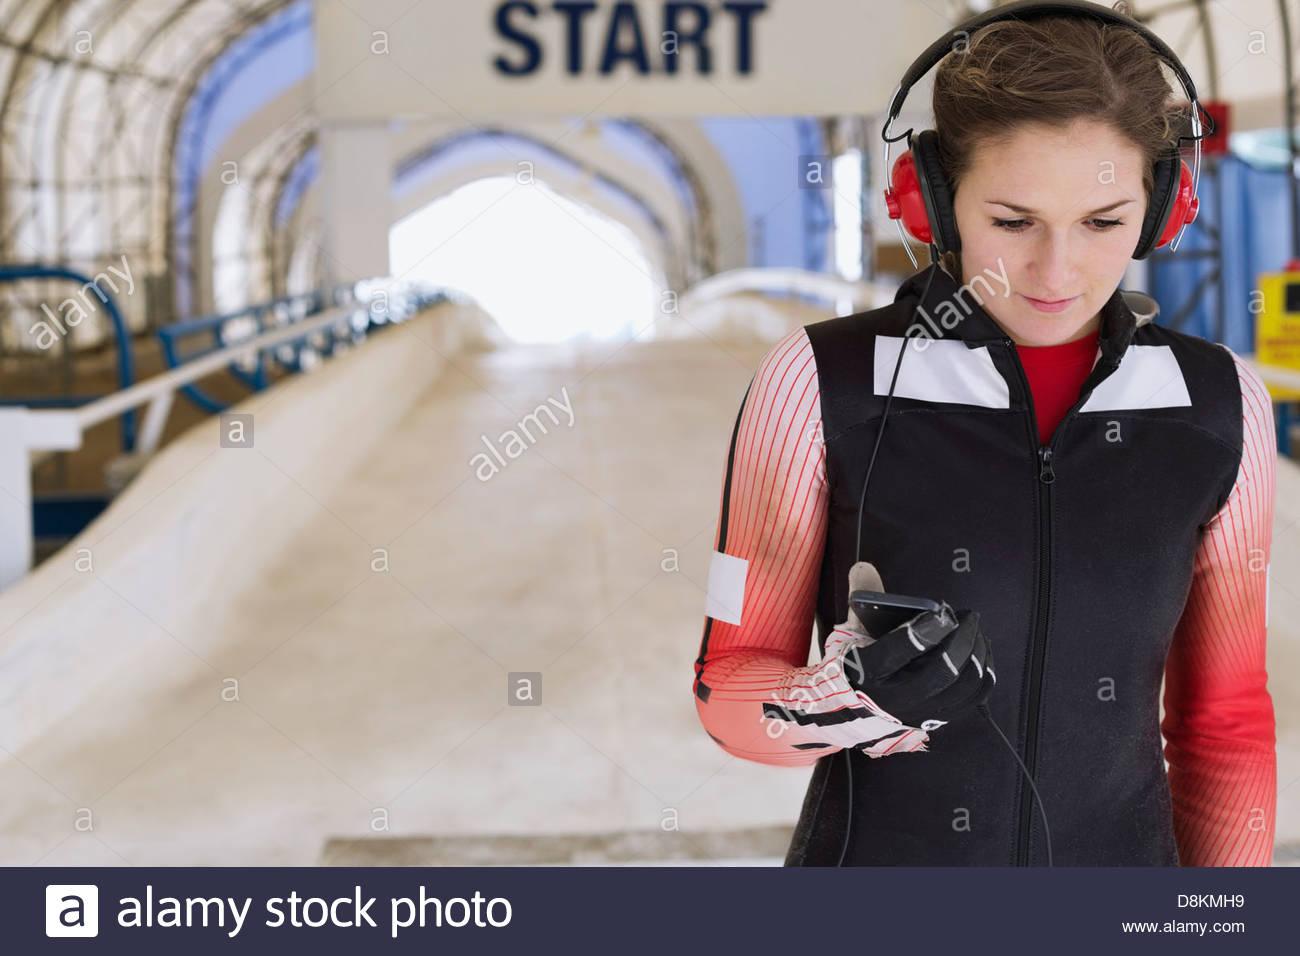 La préparation de l'athlète féminine de la course de skeleton Banque D'Images